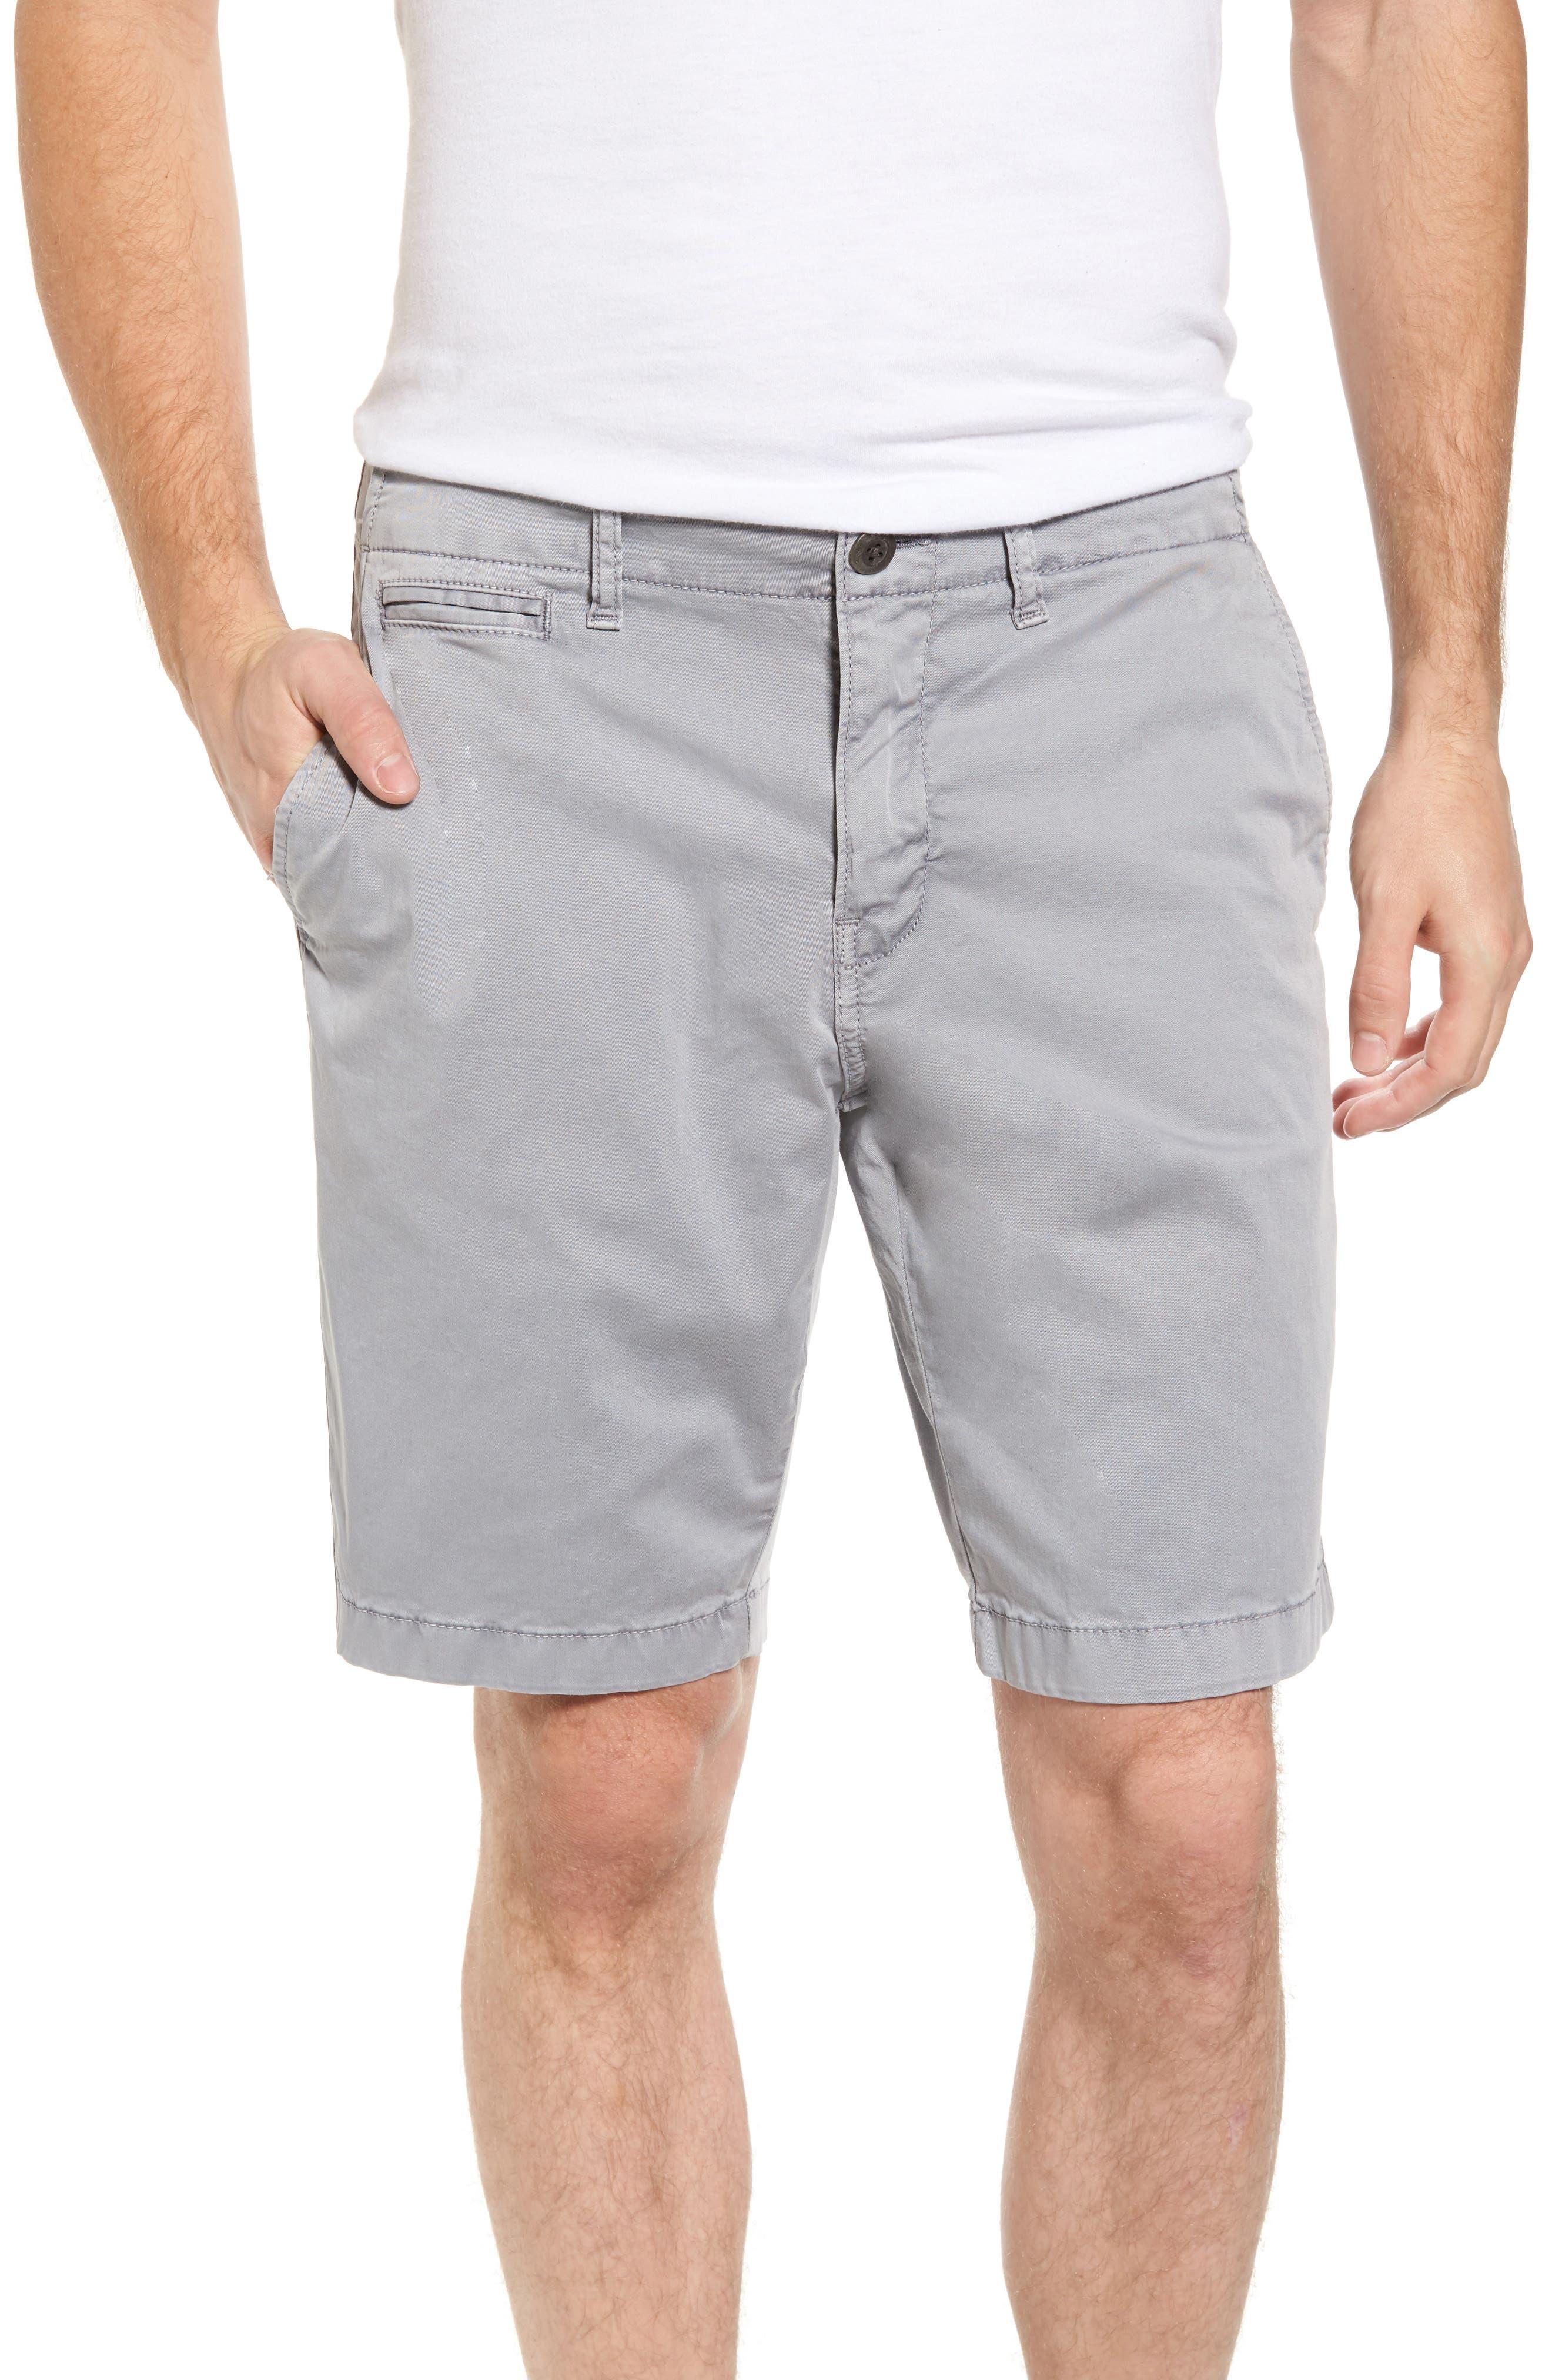 St. Barts Twill Shorts,                             Main thumbnail 3, color,